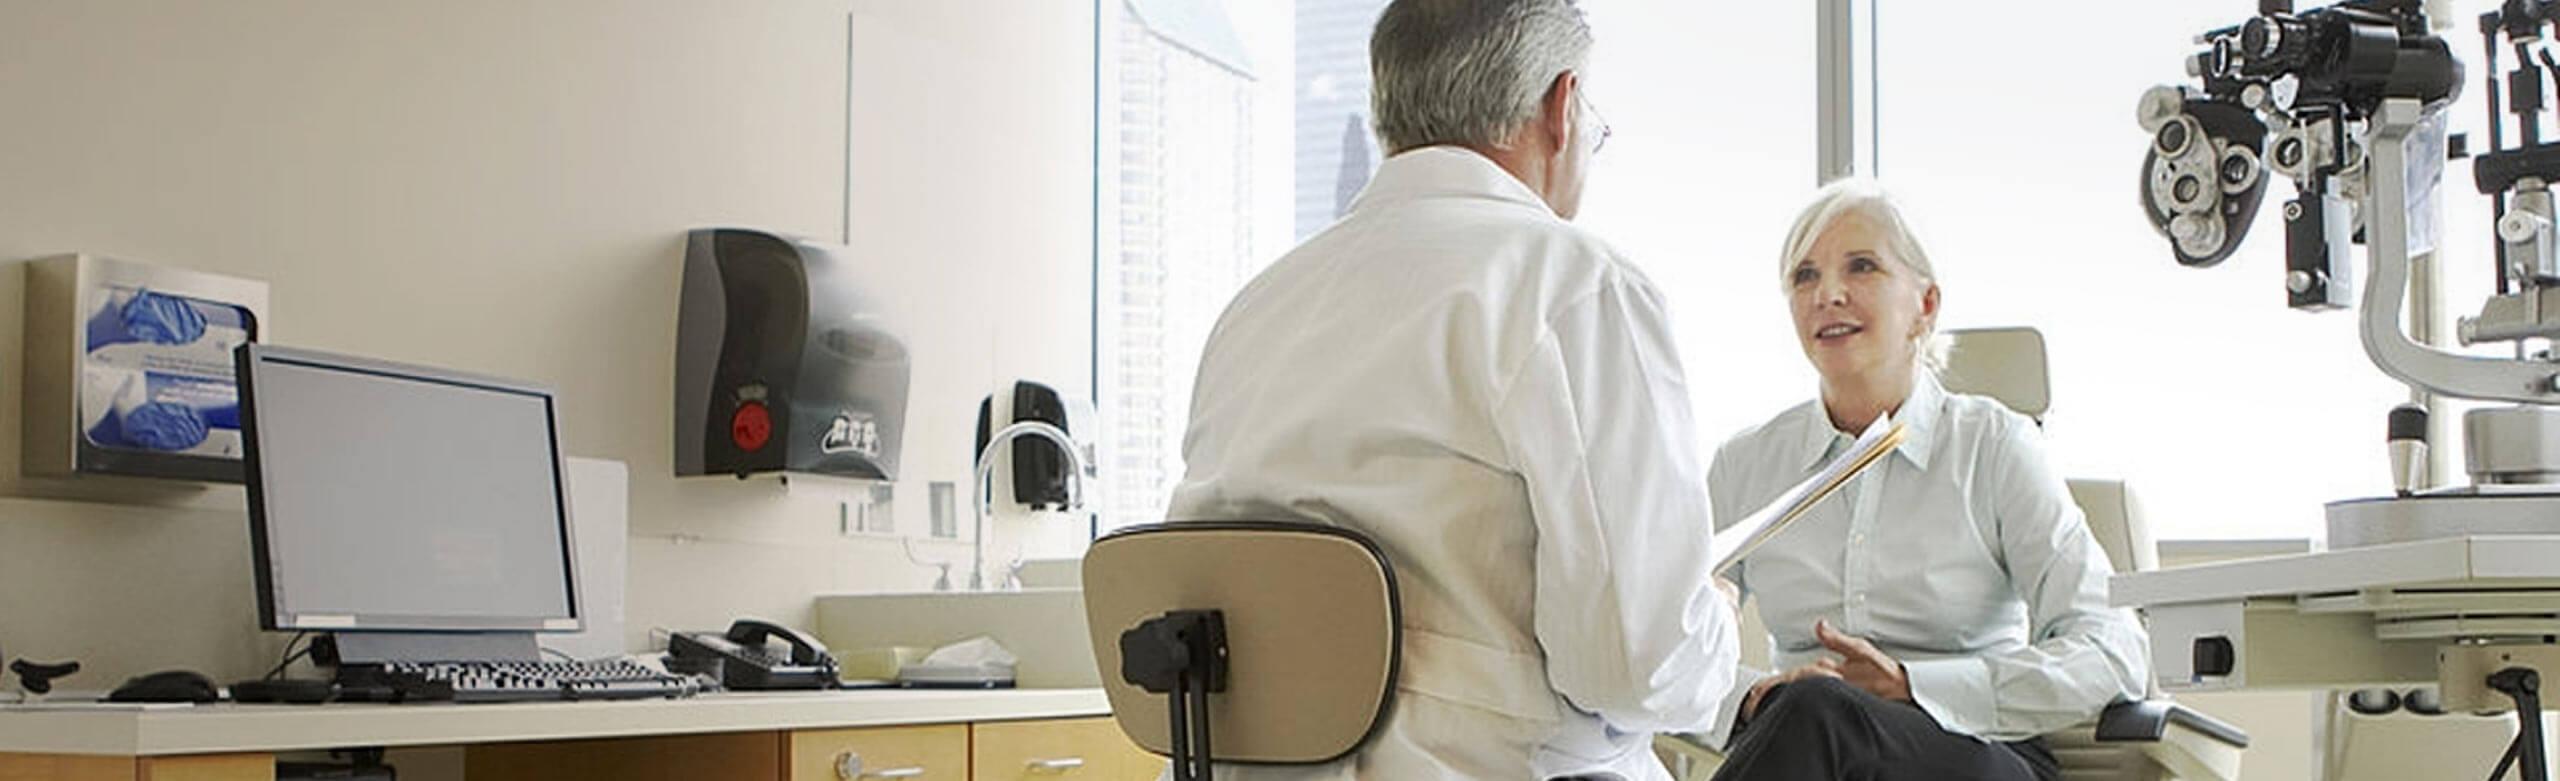 Imagen de oftalmólogo y paciente hablando en la sala de exploración.